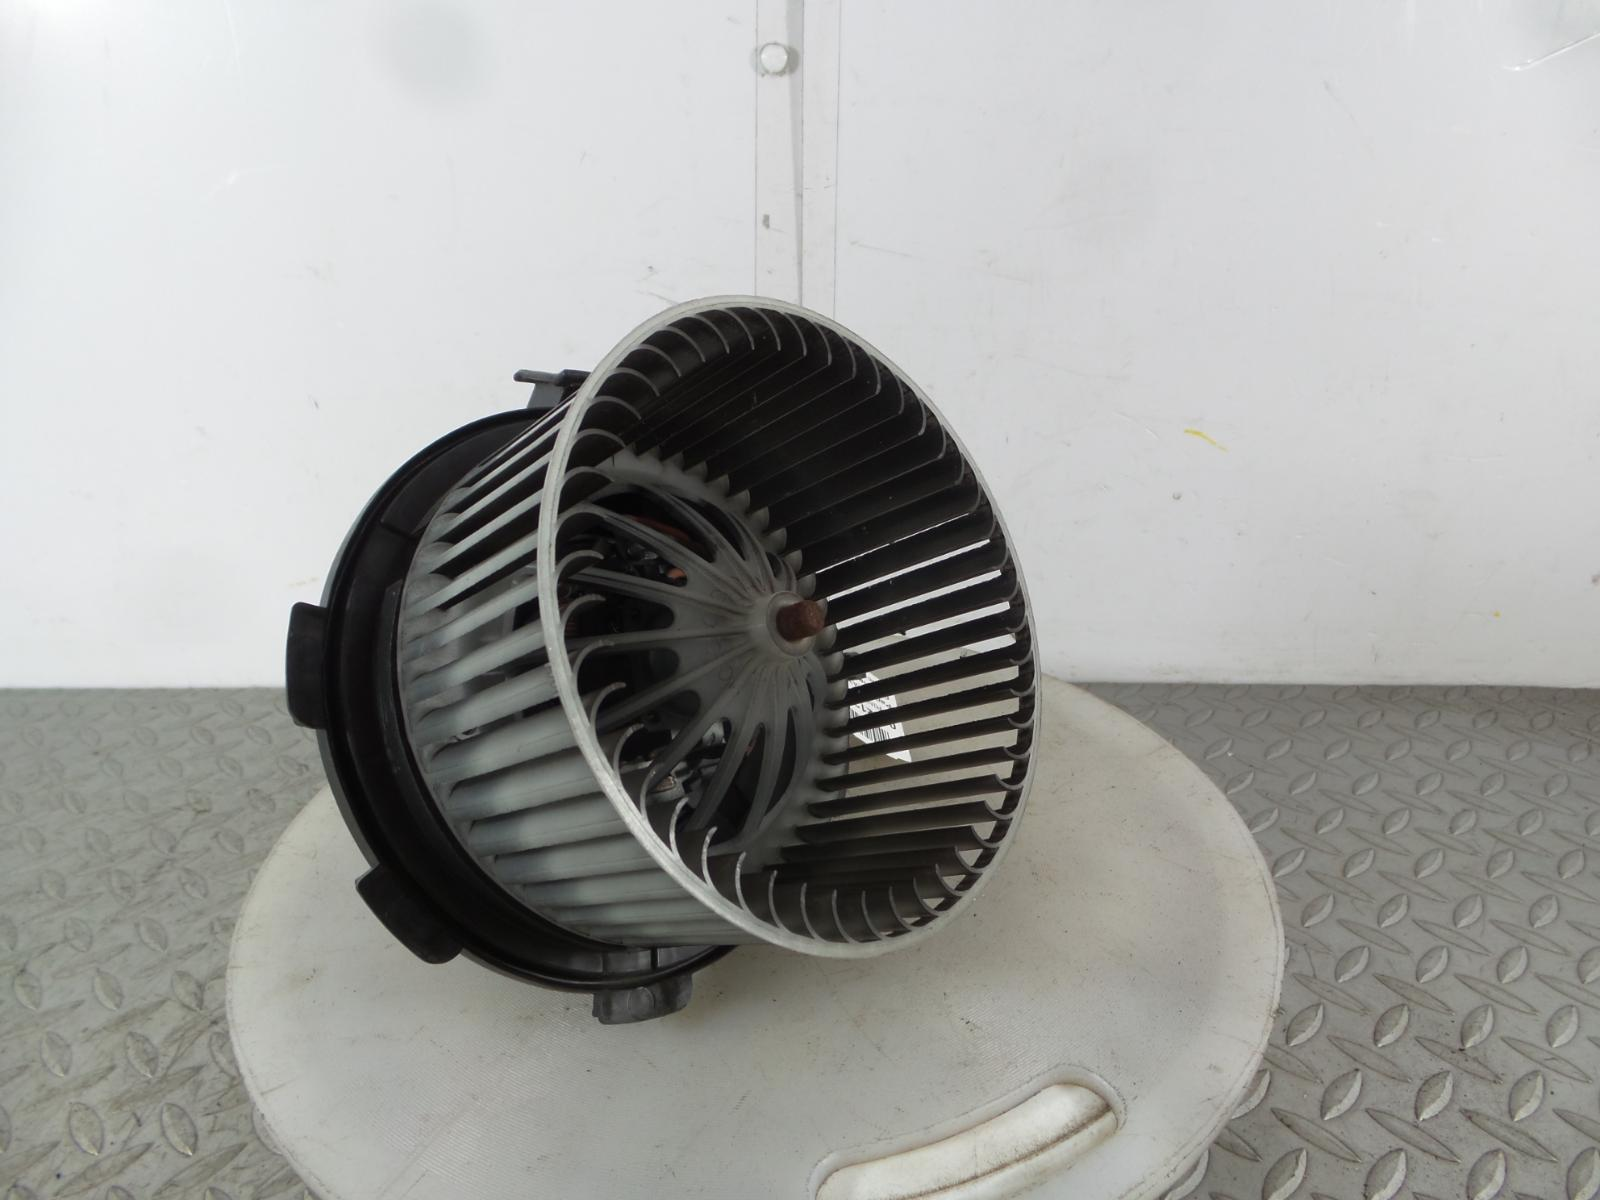 2013 Mercedes Sprinter Heater Blower Motor A0008356007 303